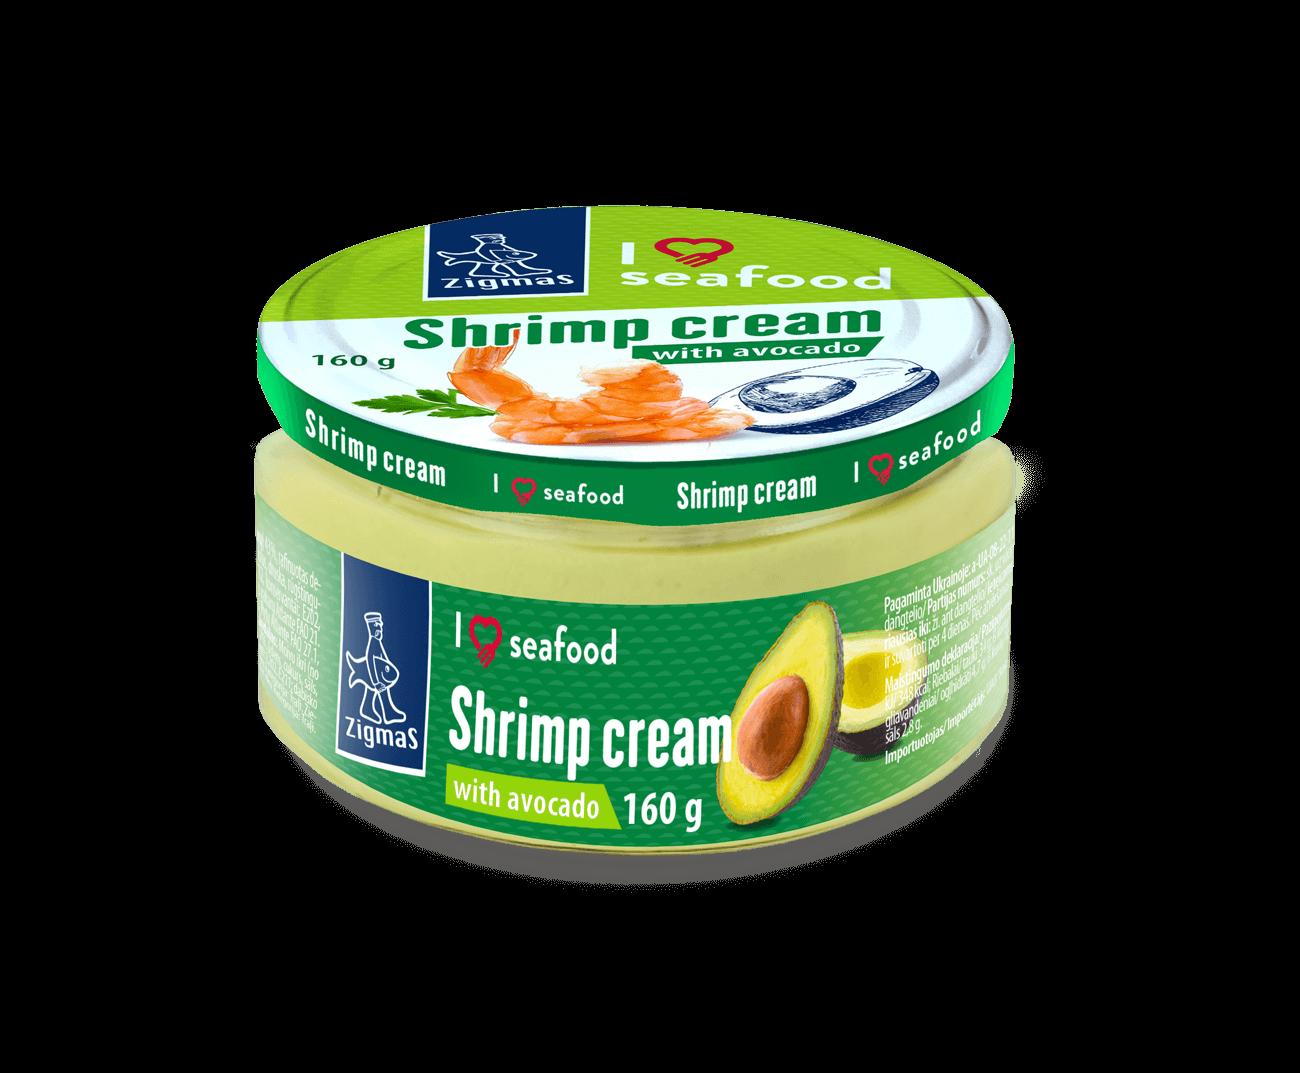 Shrimp cream with avocado